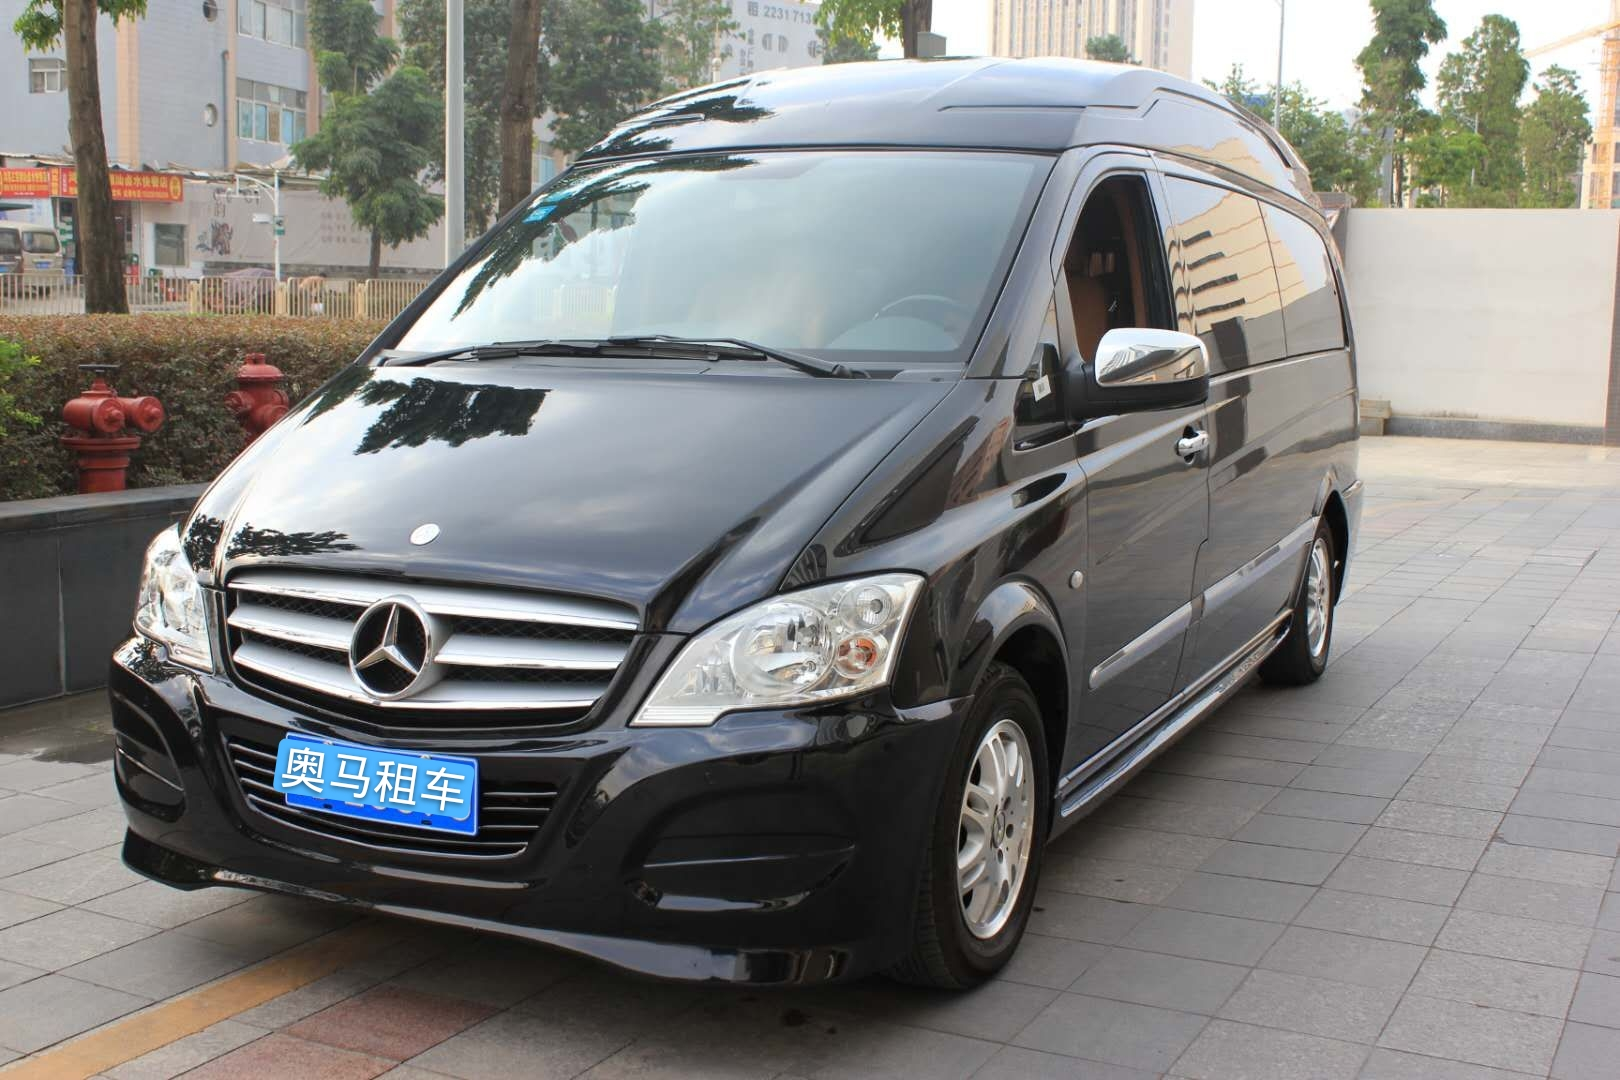 广州本地租车给您好的建议「深圳市奥马汽车供应」